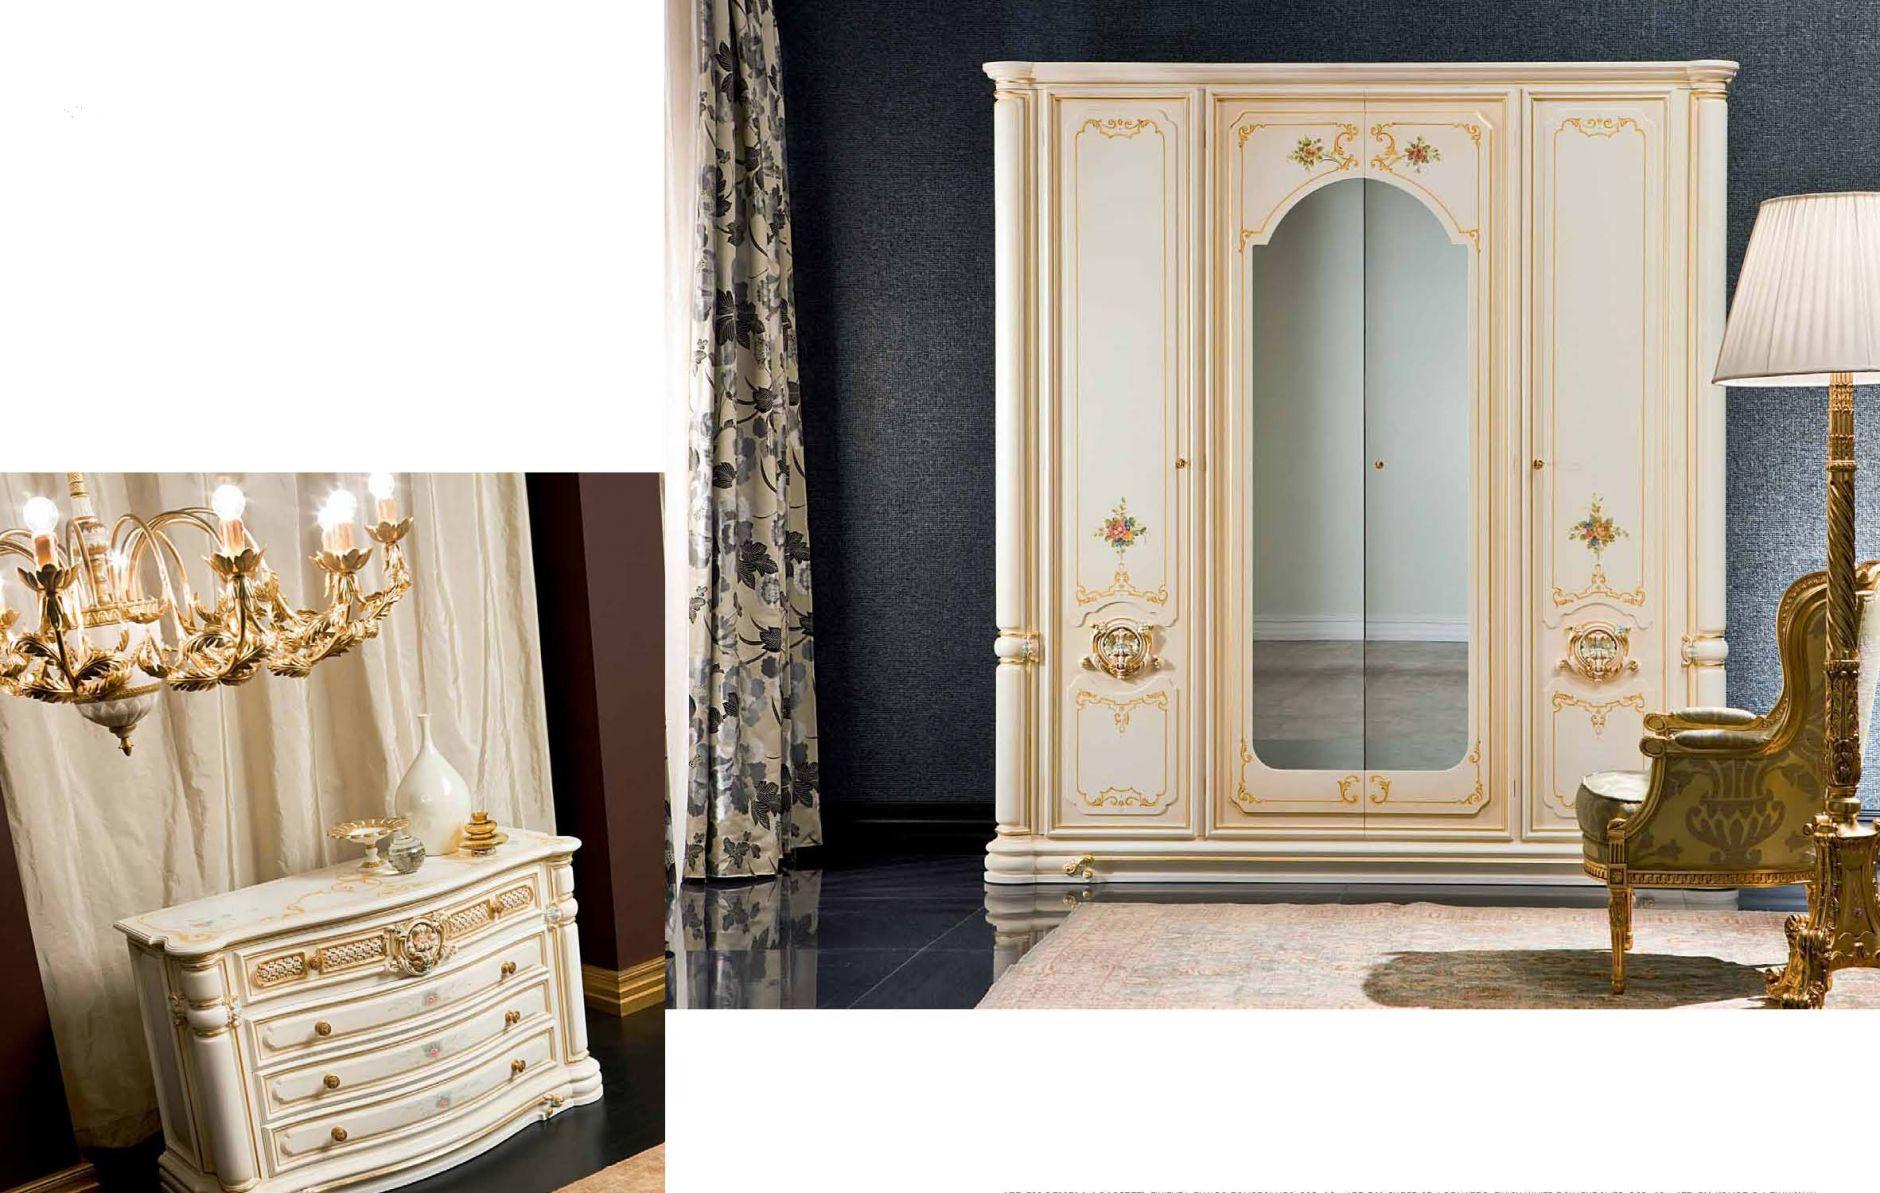 luxus m bel luxus schlafzimmer serie silik niobedie m bel aus italien. Black Bedroom Furniture Sets. Home Design Ideas